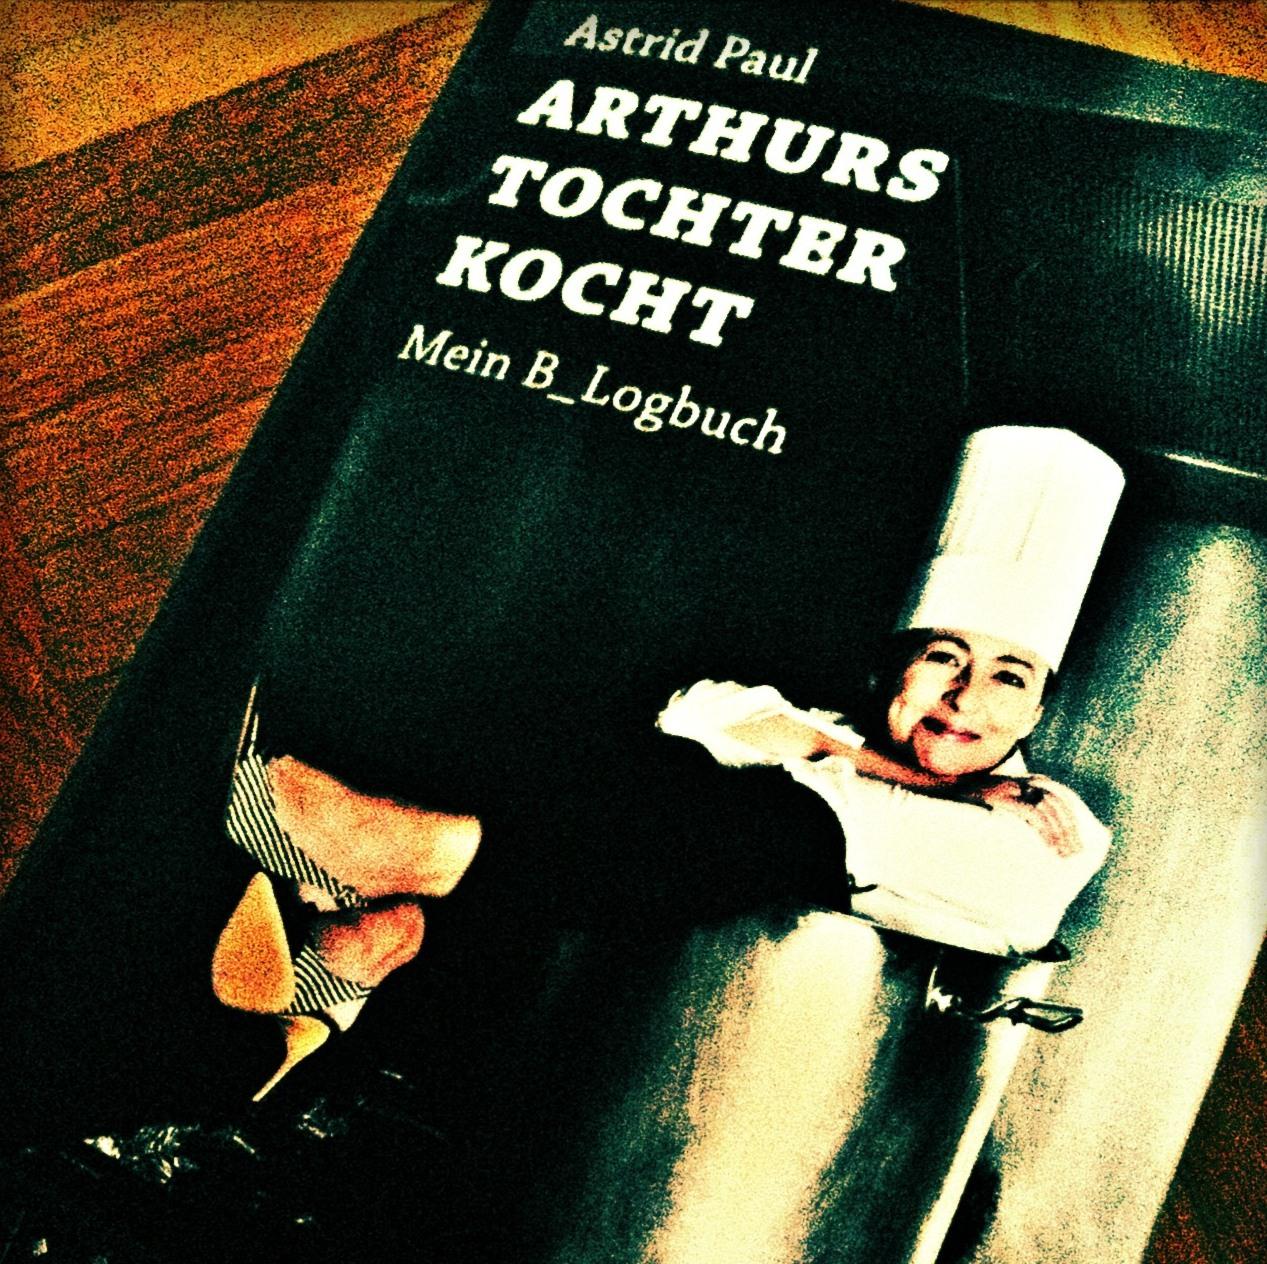 Arthurs Tochter kocht - Mein B_Logbuch